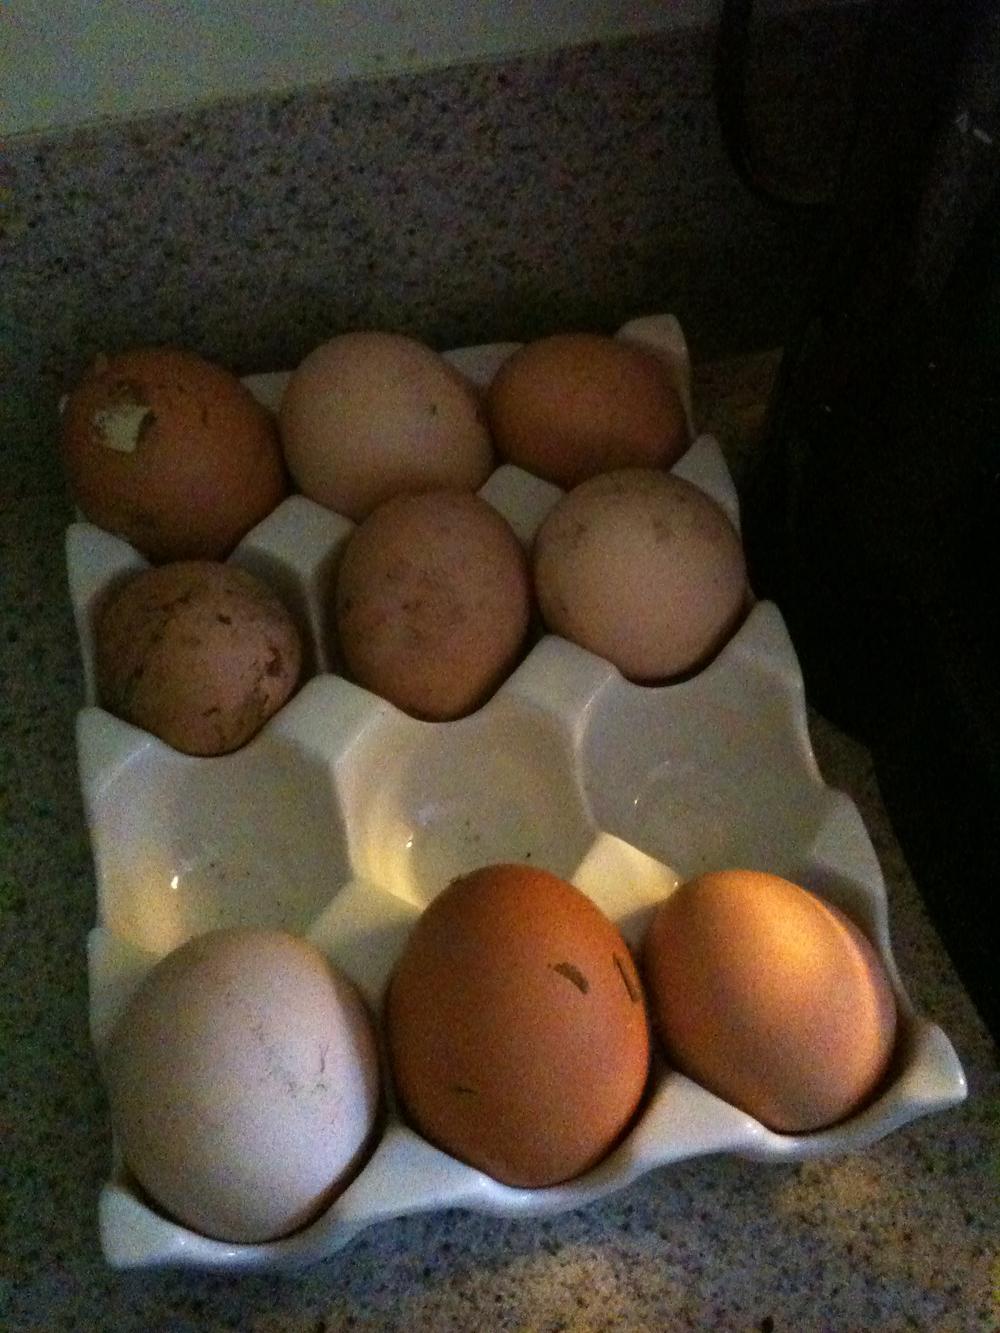 Farm :: Farm fresh eggs